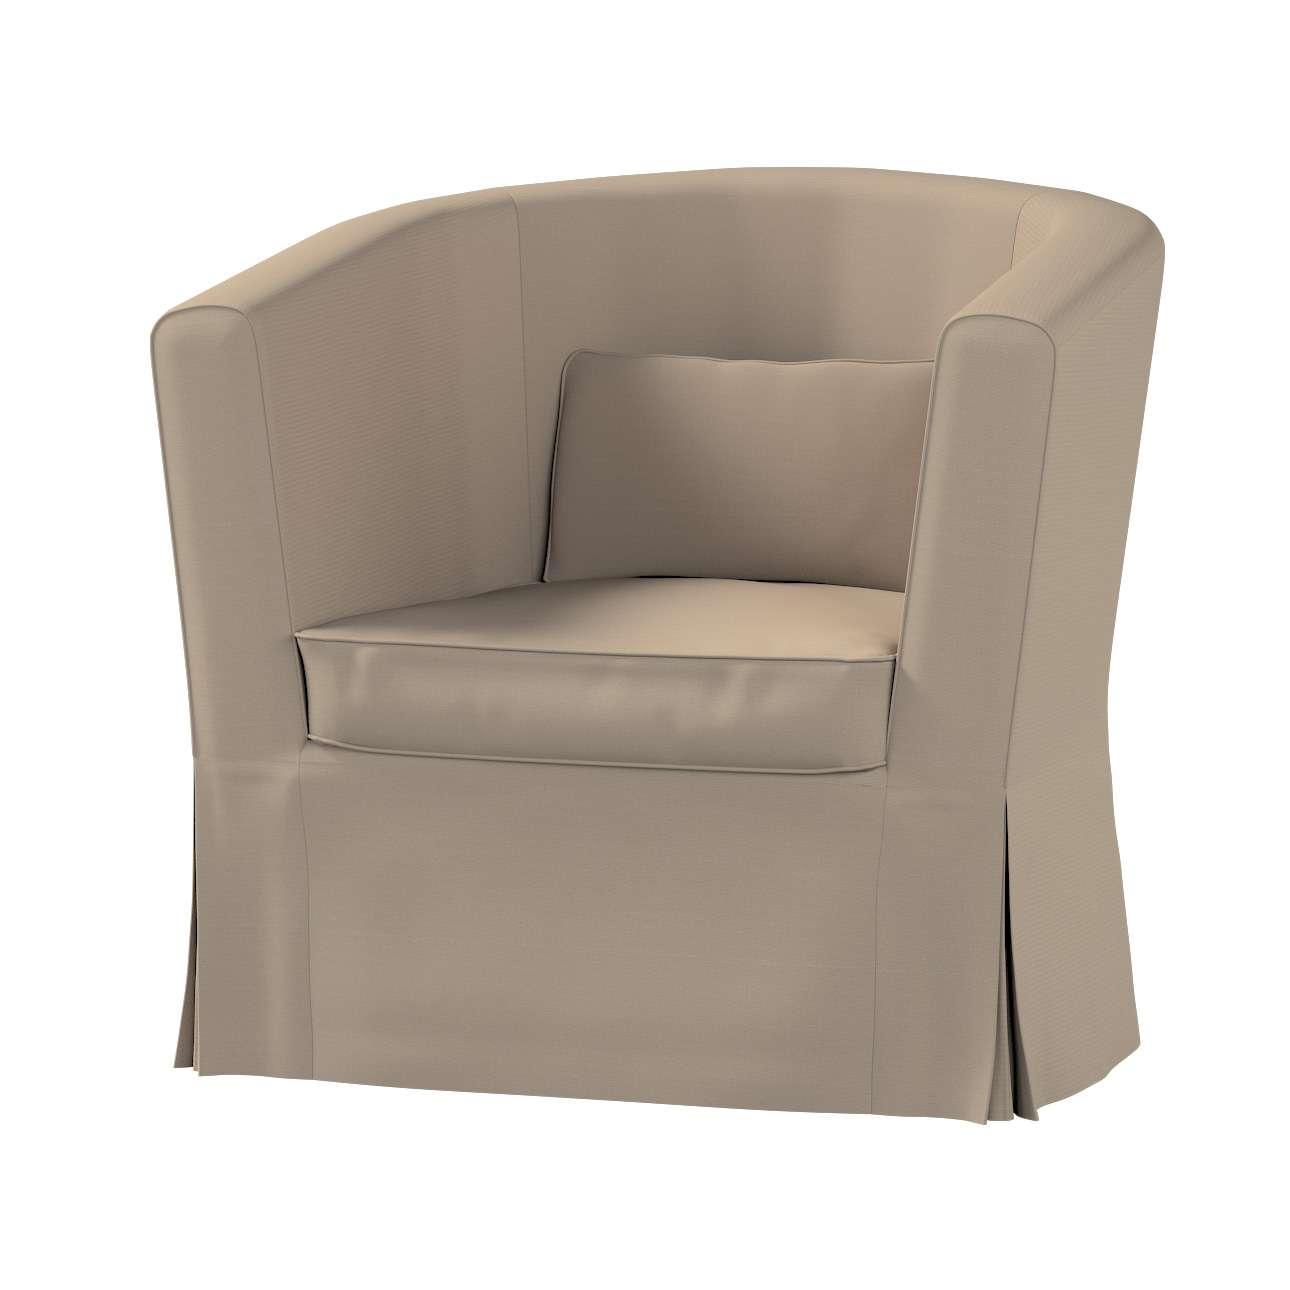 EKTORP TULLSTA fotelio užvalkalas Ektorp Tullsta fotelio užvalkalas kolekcijoje Cotton Panama, audinys: 702-28